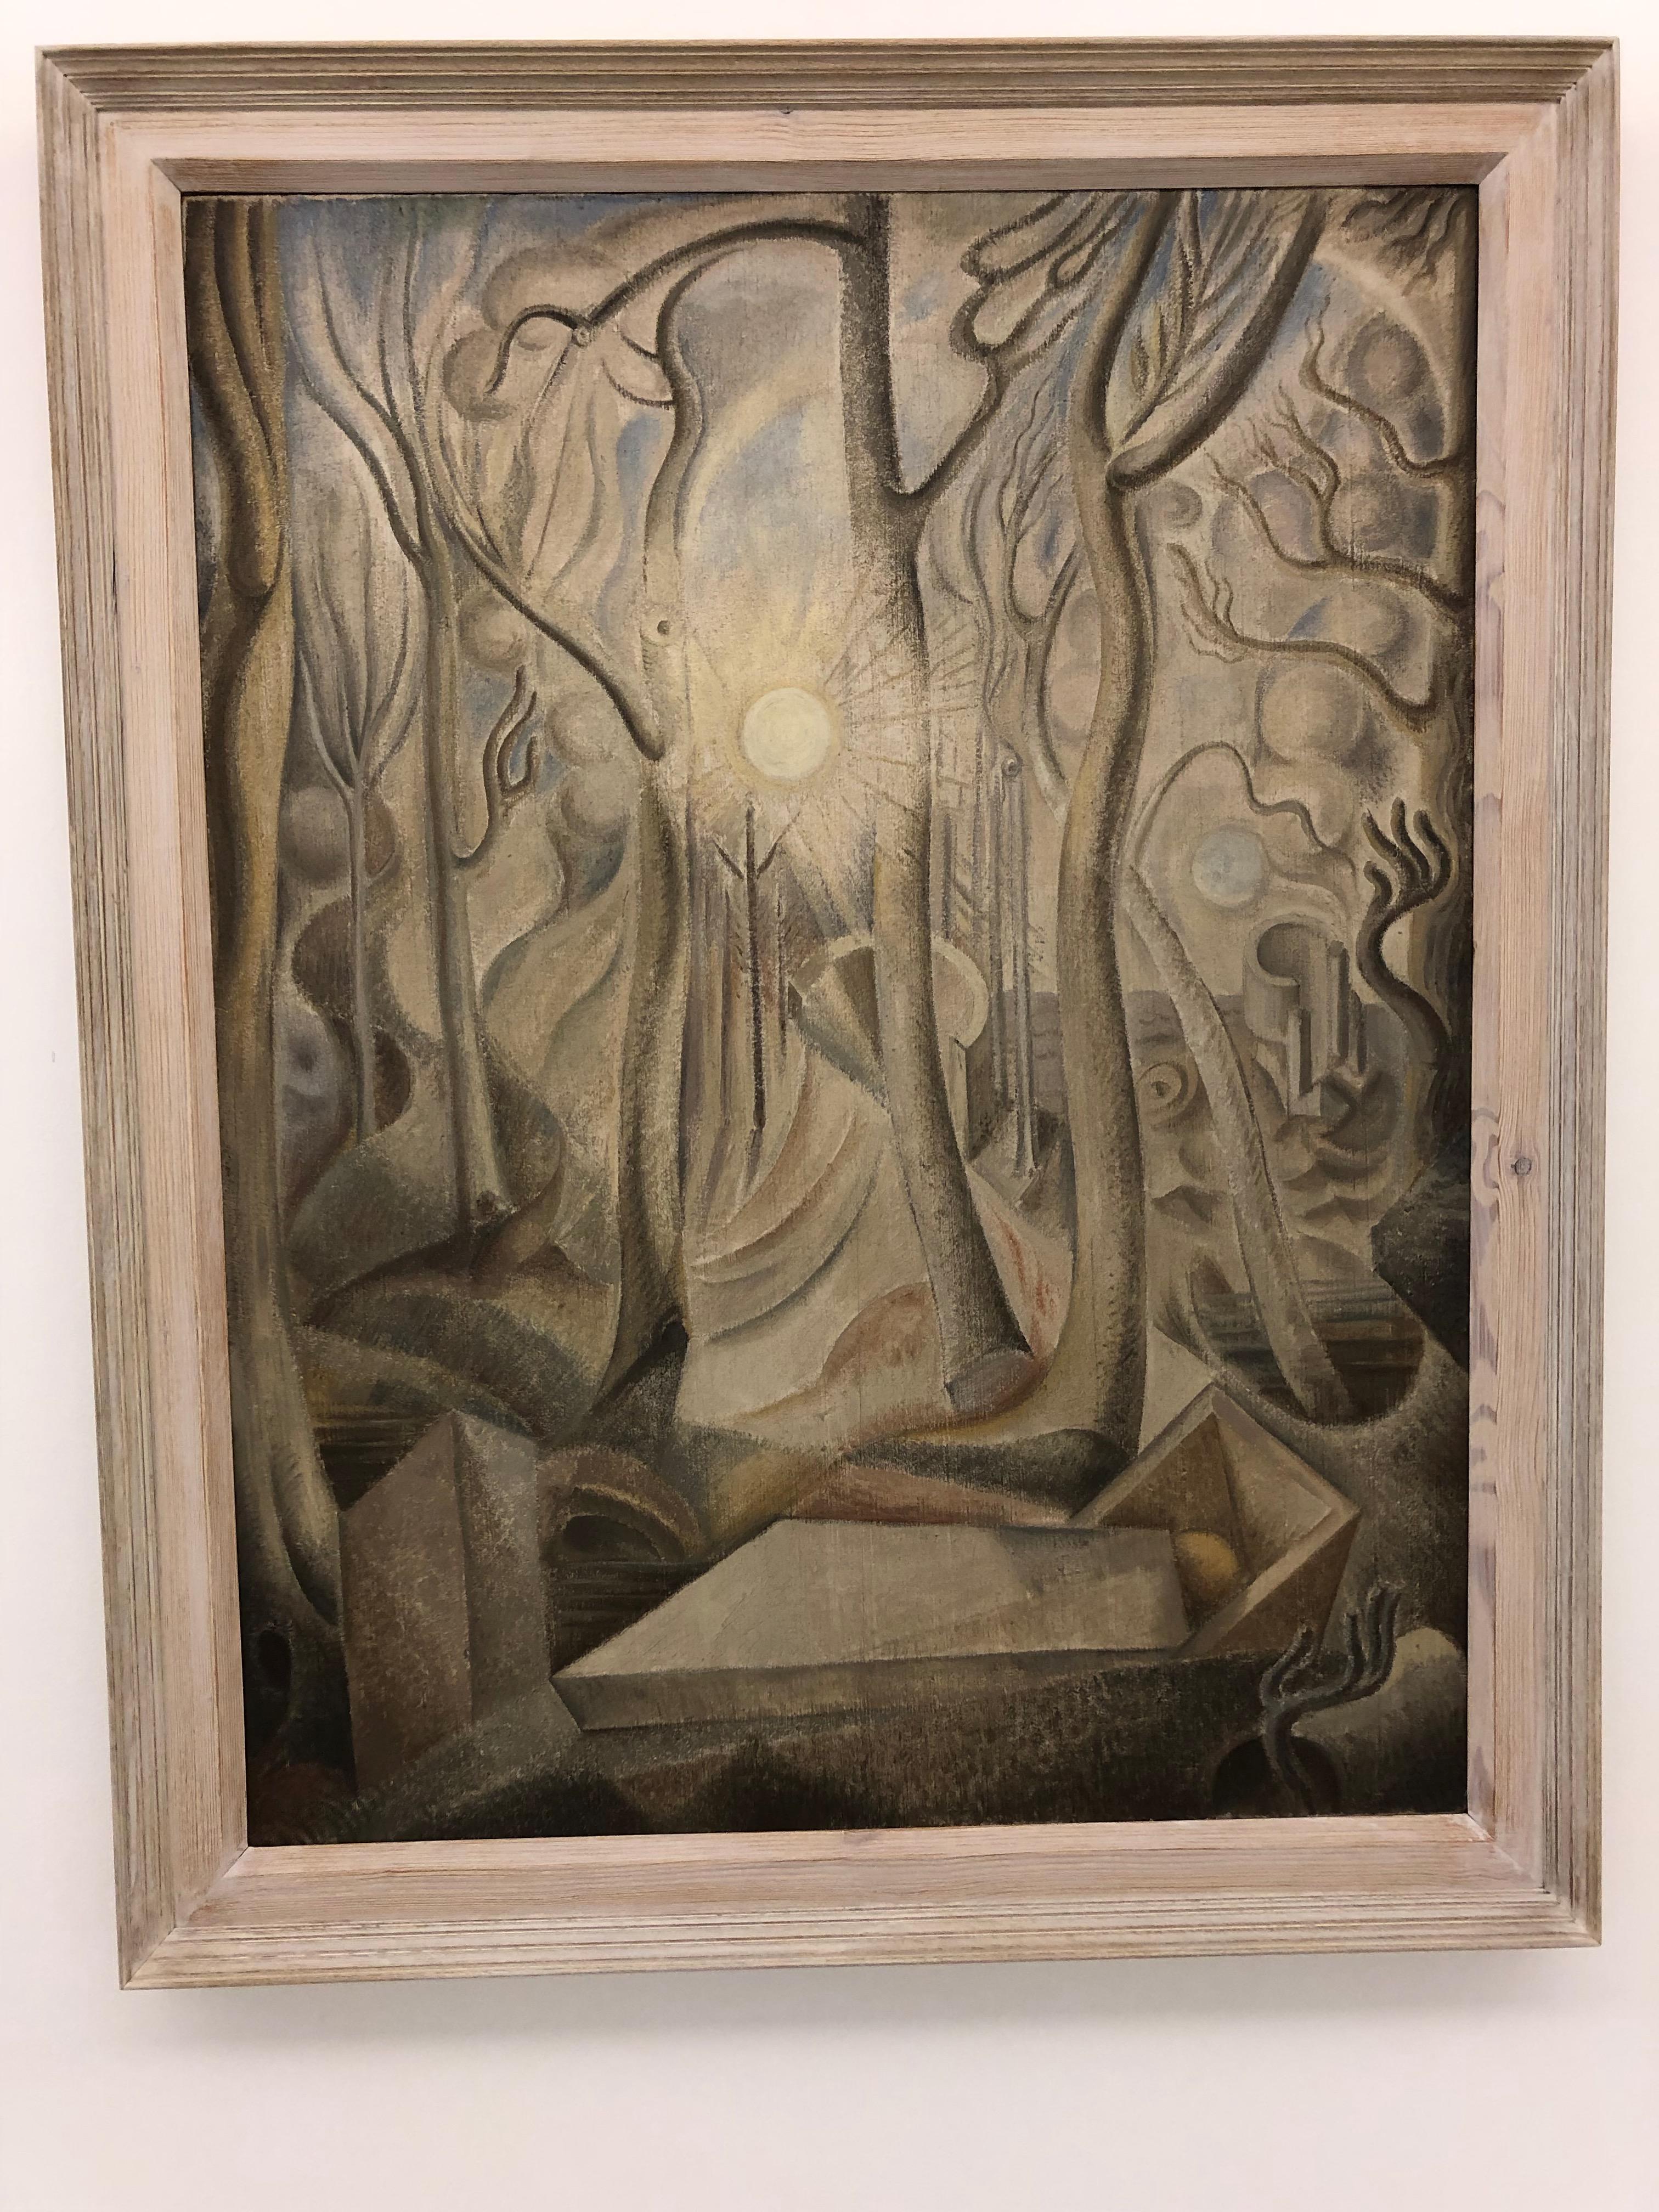 A. Masson. Le Cimetière. 1924